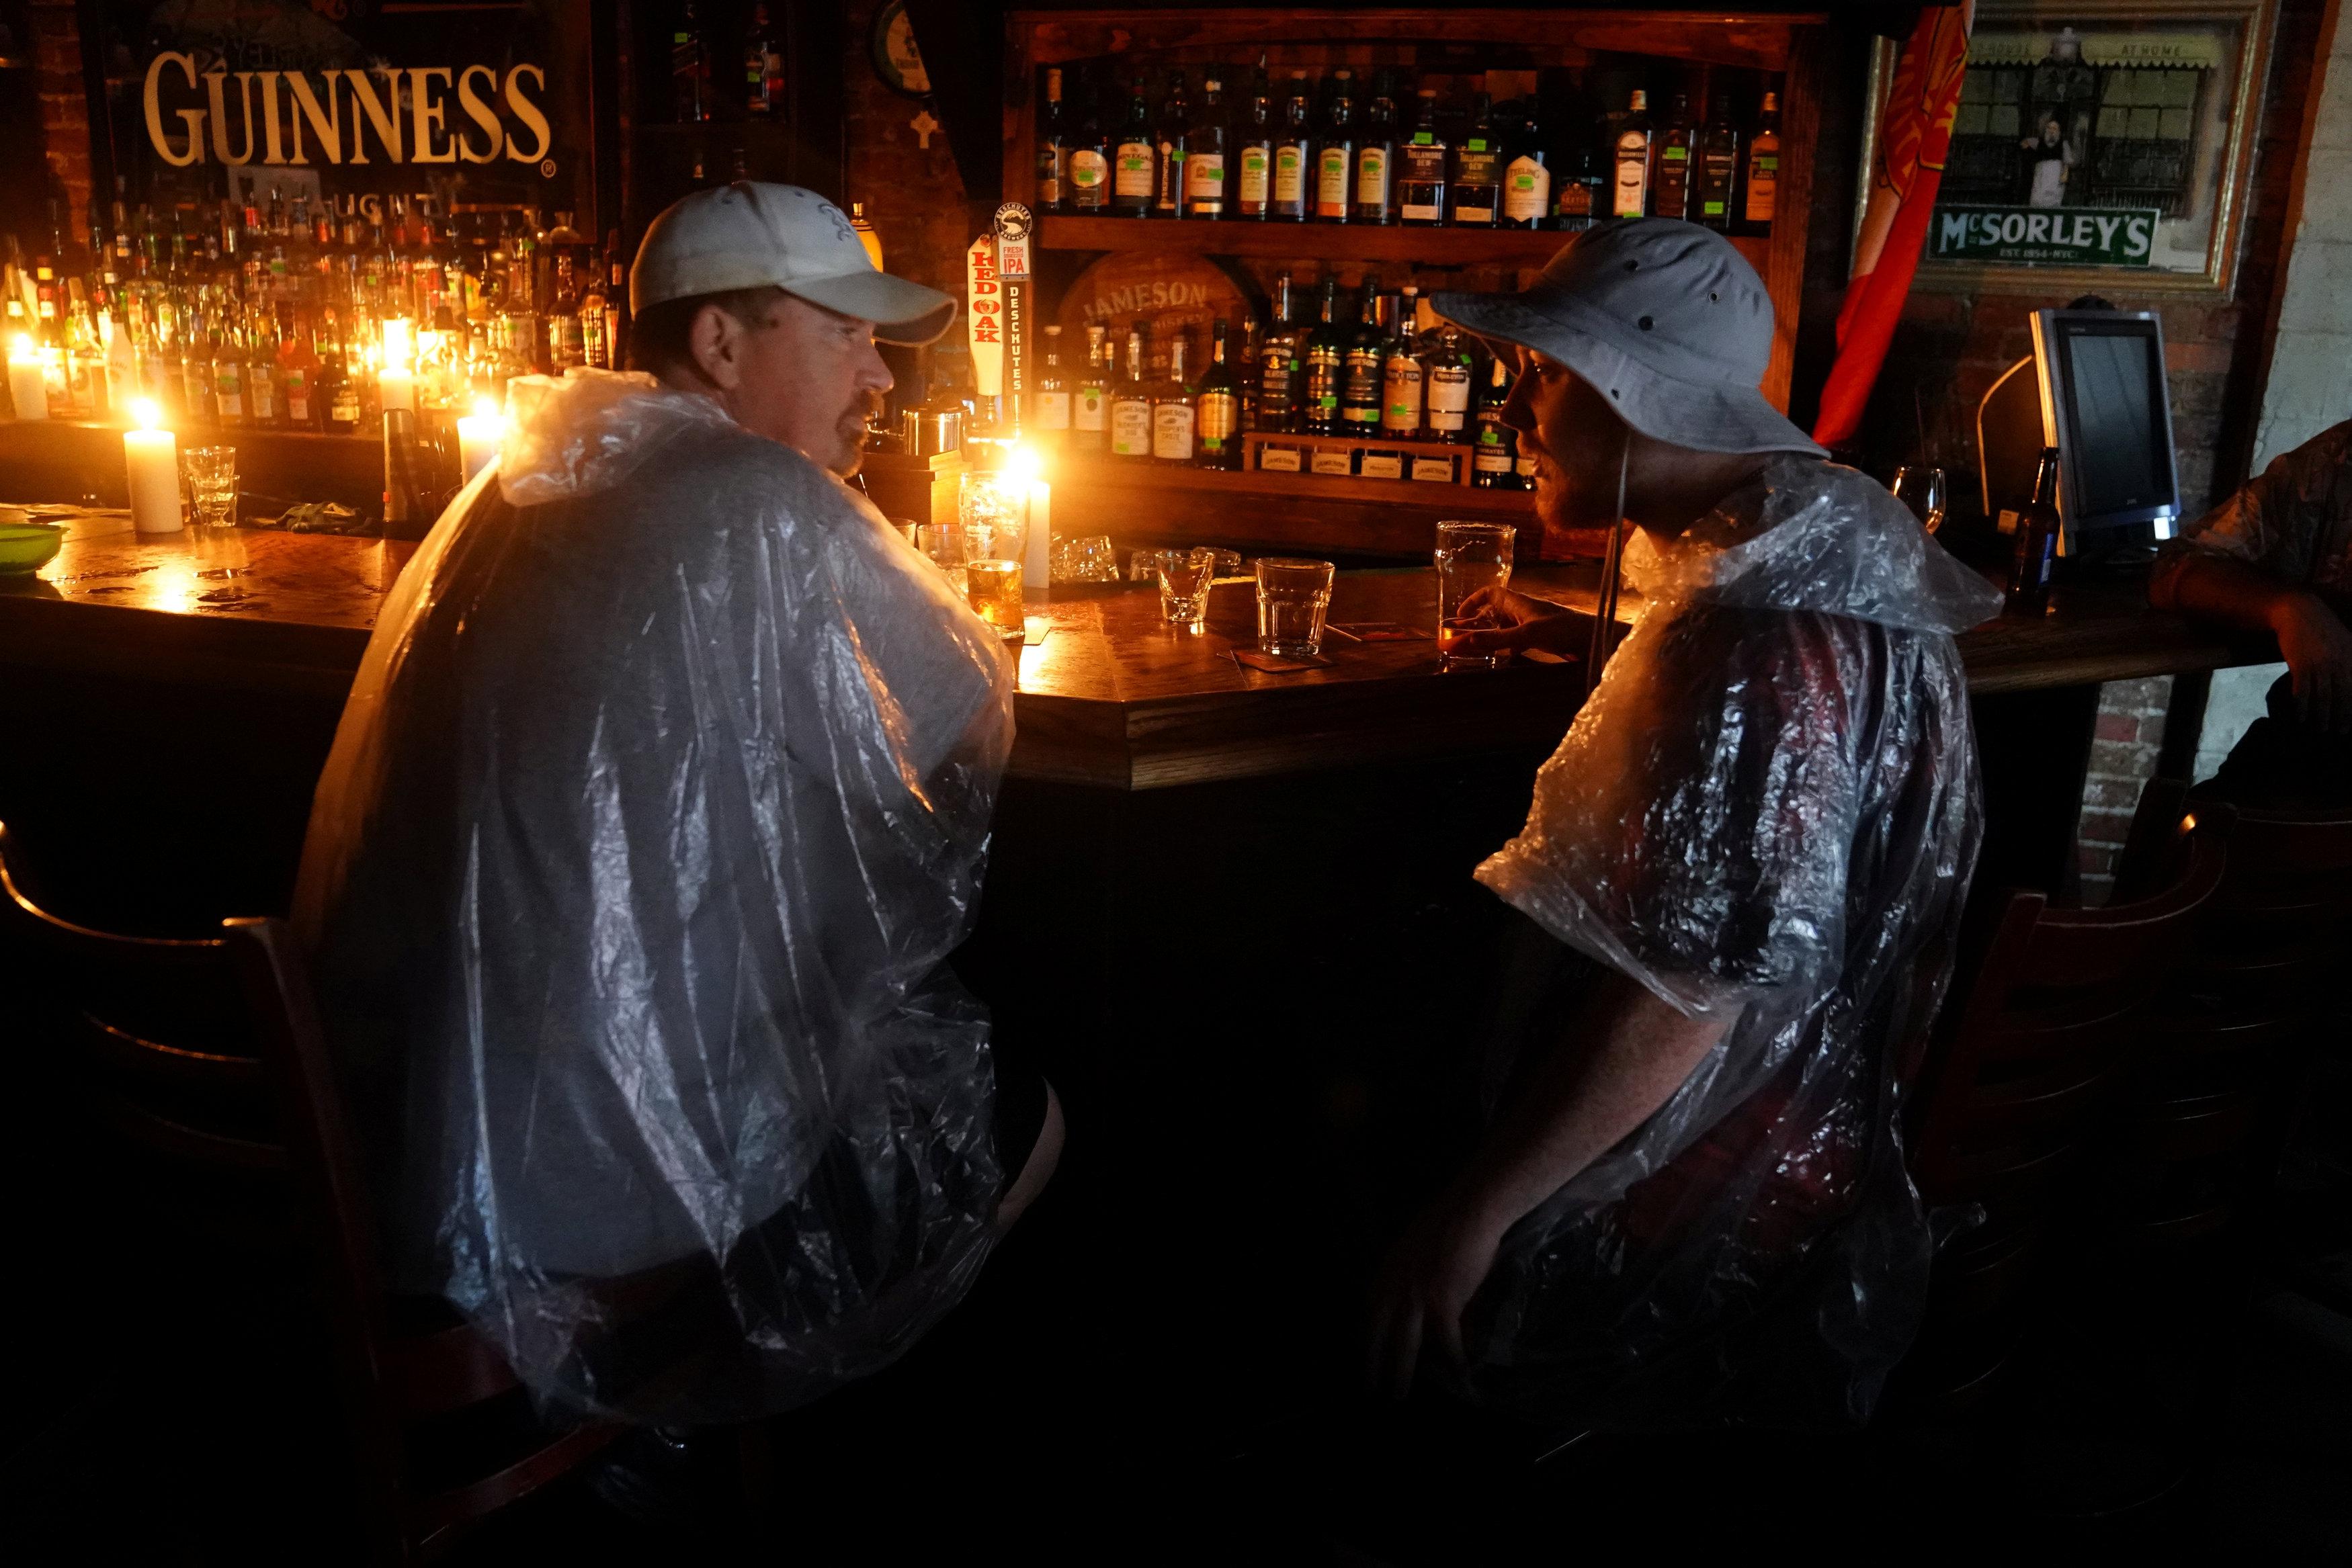 مواطنون يرتدون الاكياس خوفا من مياة الاعصار